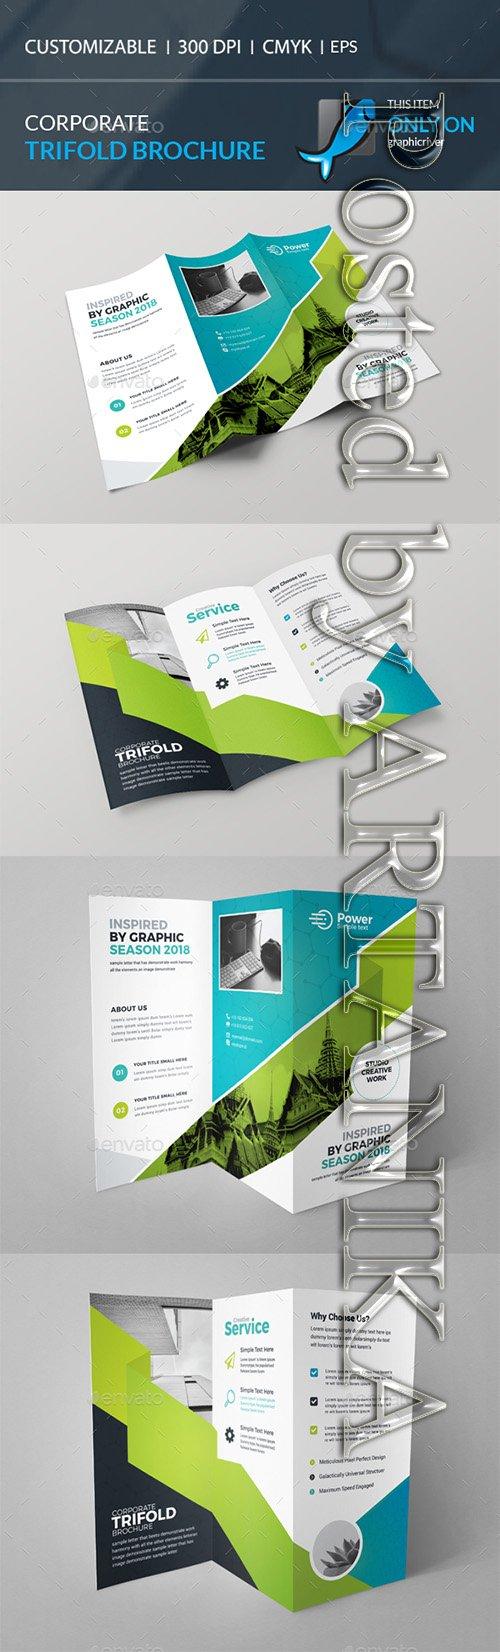 GraphicRiver - Corporate Trifold Brochure 21572497